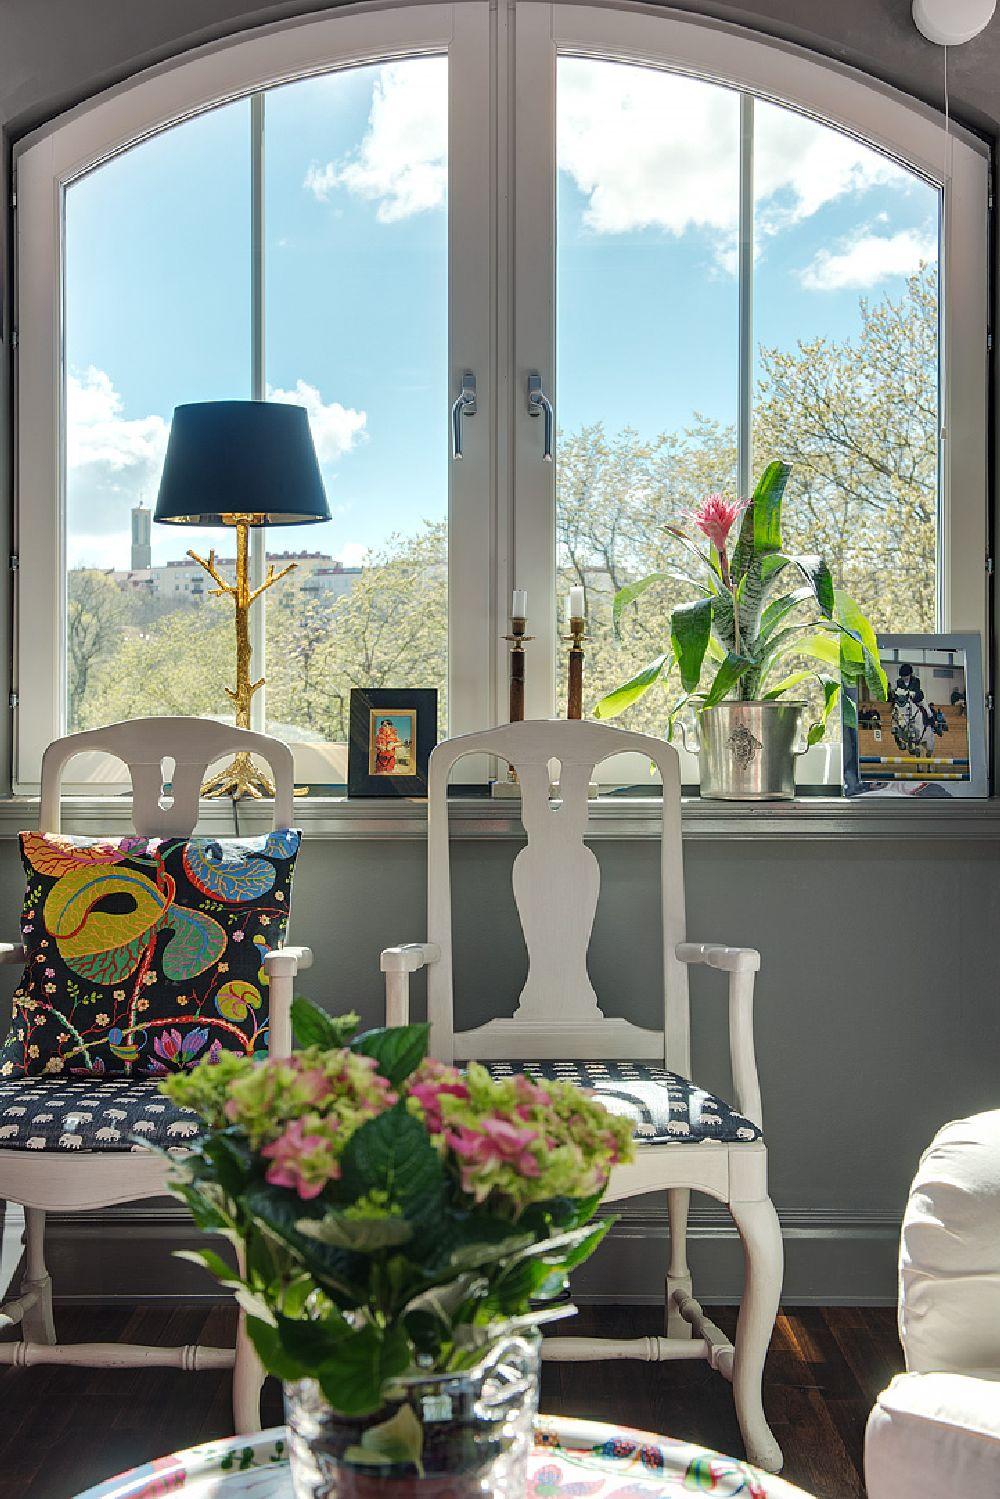 adelaparvu.com despre locuinta la mansarda cu pereti gri inchis, loft 120 mp Suedia, Foto Alvhem makleri (13)